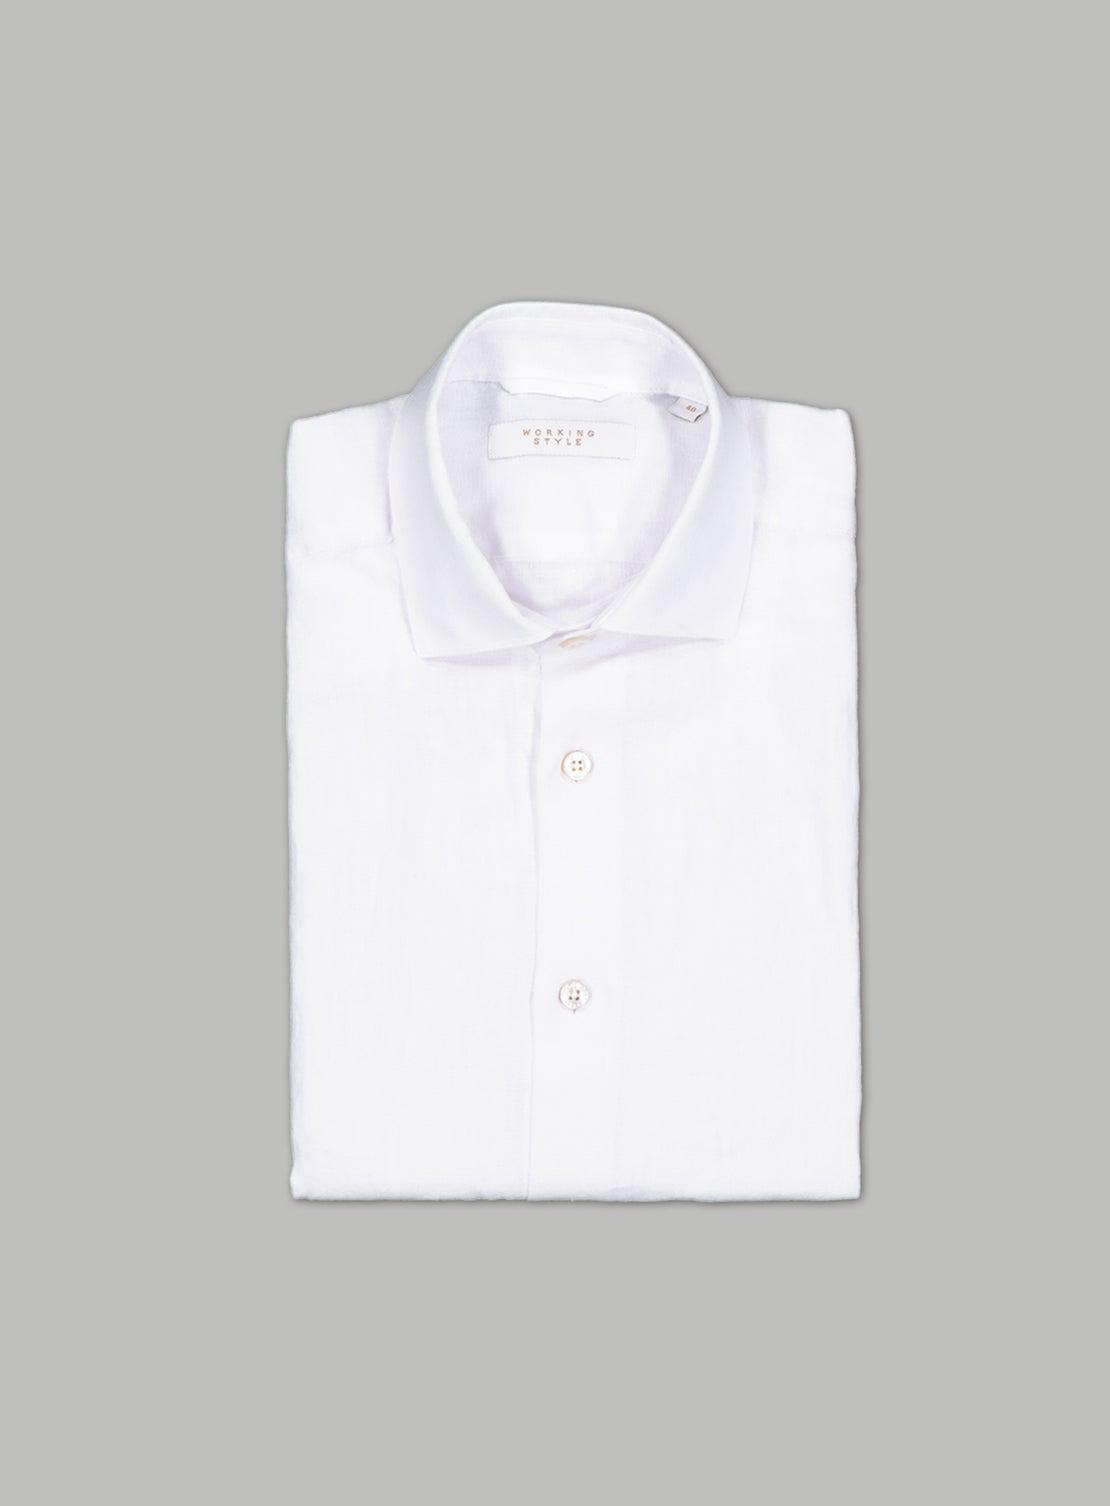 White Linen Short Sleeved Shirt